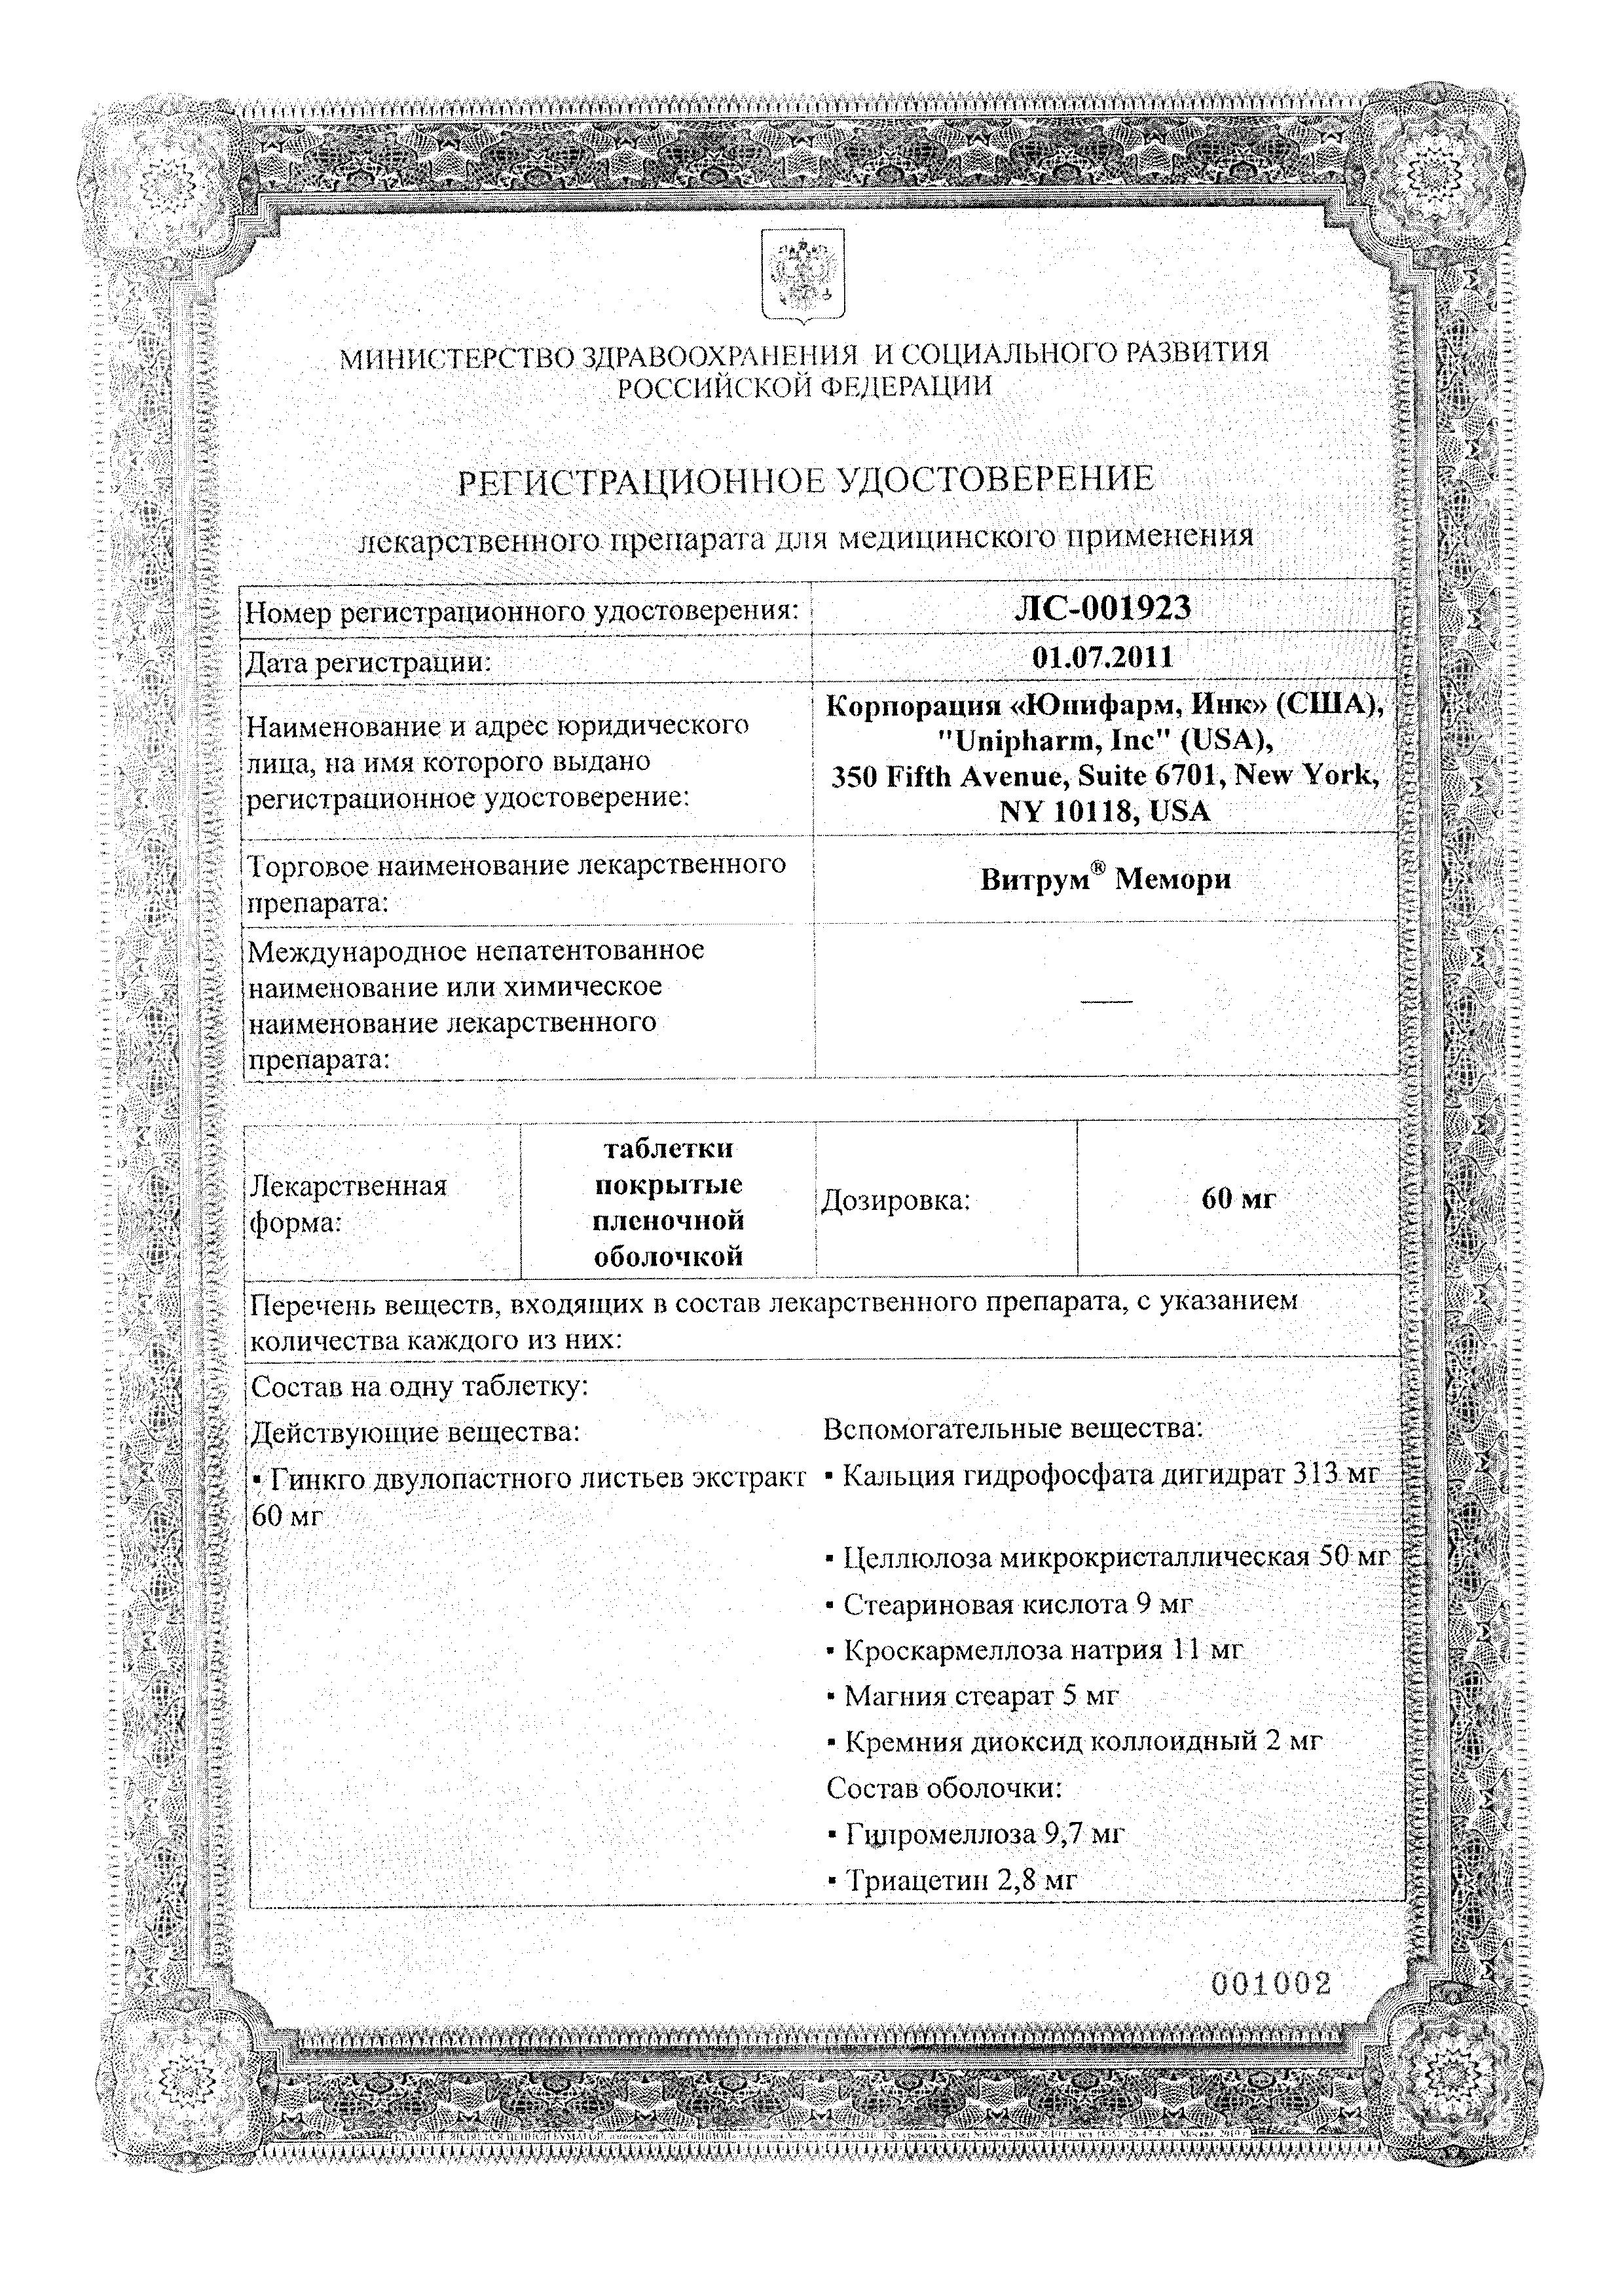 Витрум Мемори сертификат